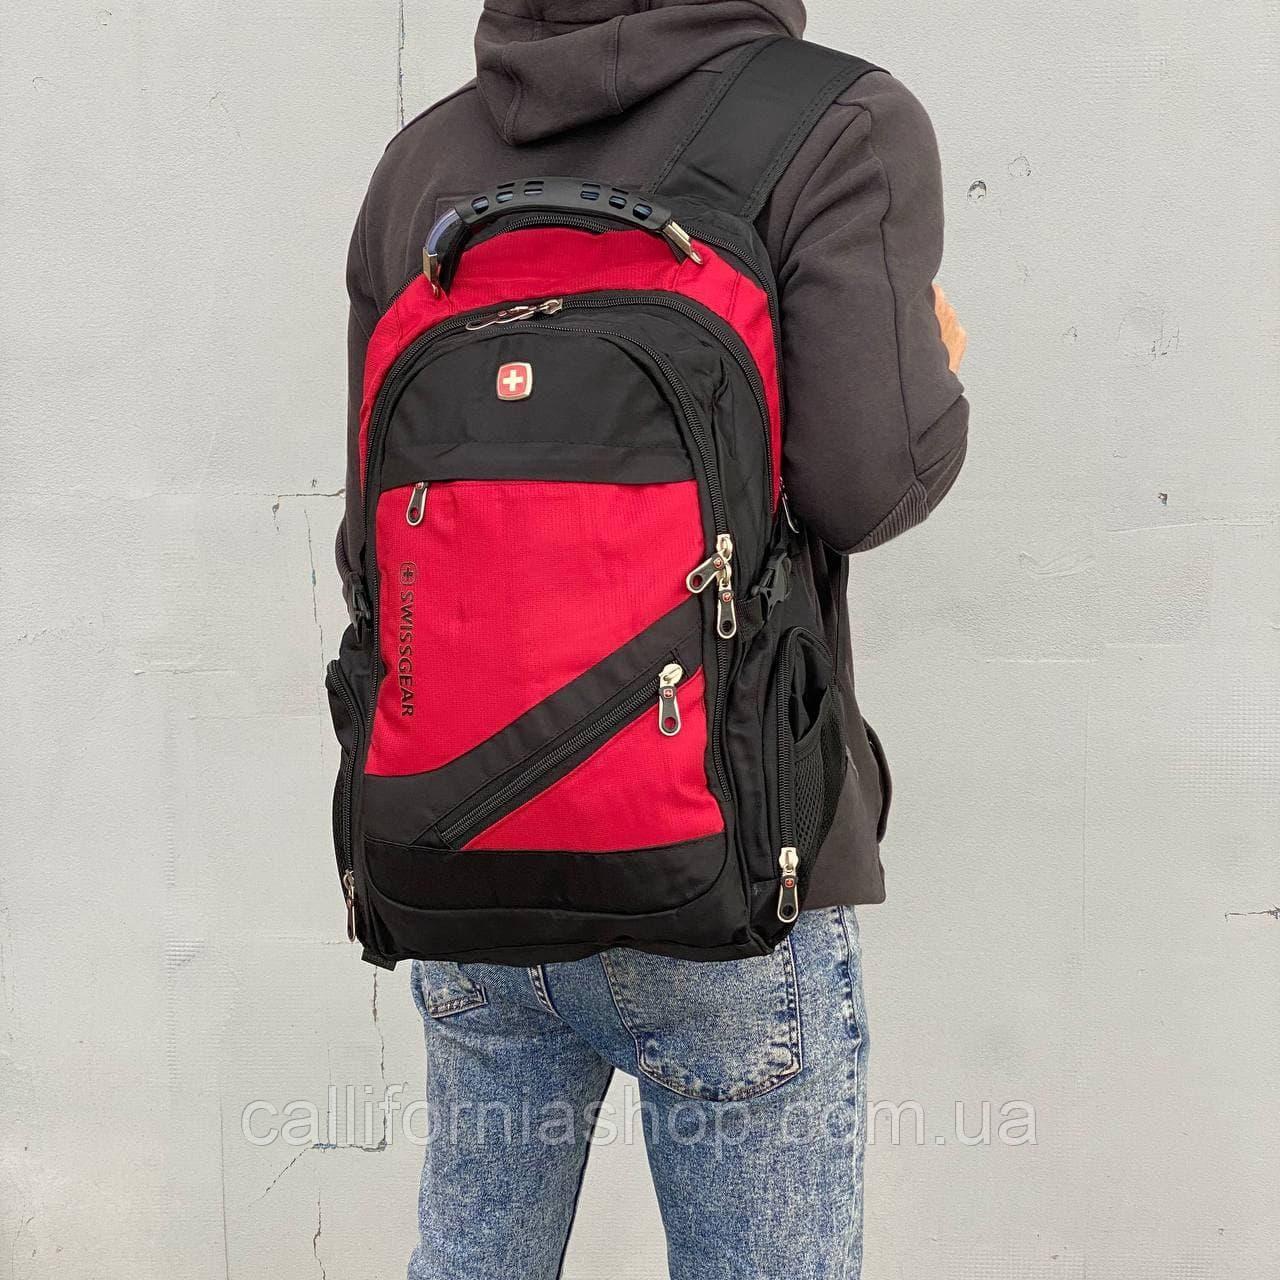 Рюкзак Swissgear городской с USB ортопедический с отделением для ноутбука непромокаемый черно-красного цвета